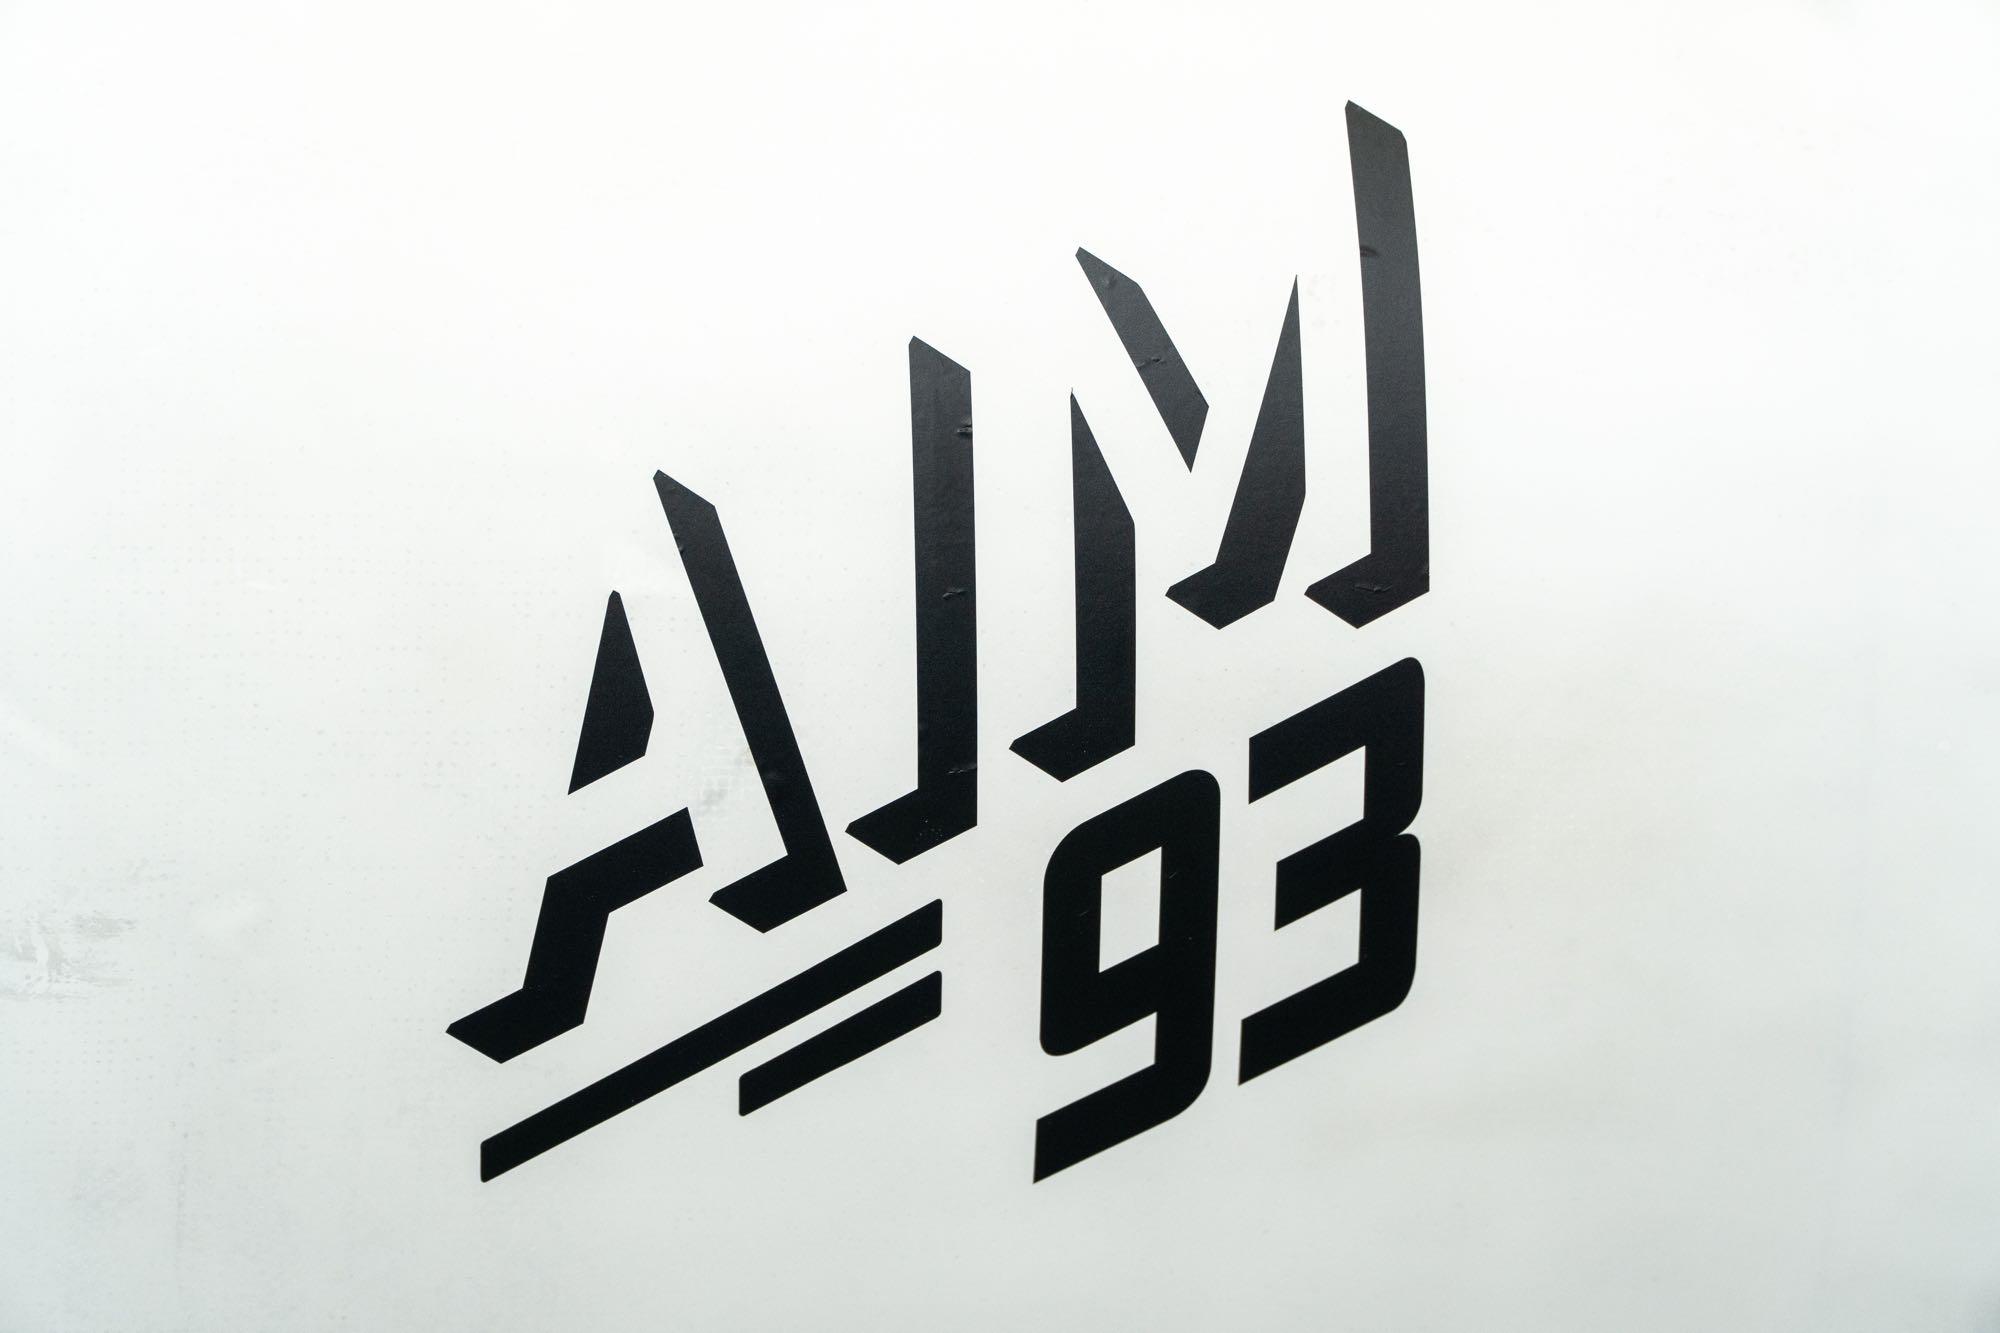 aim93